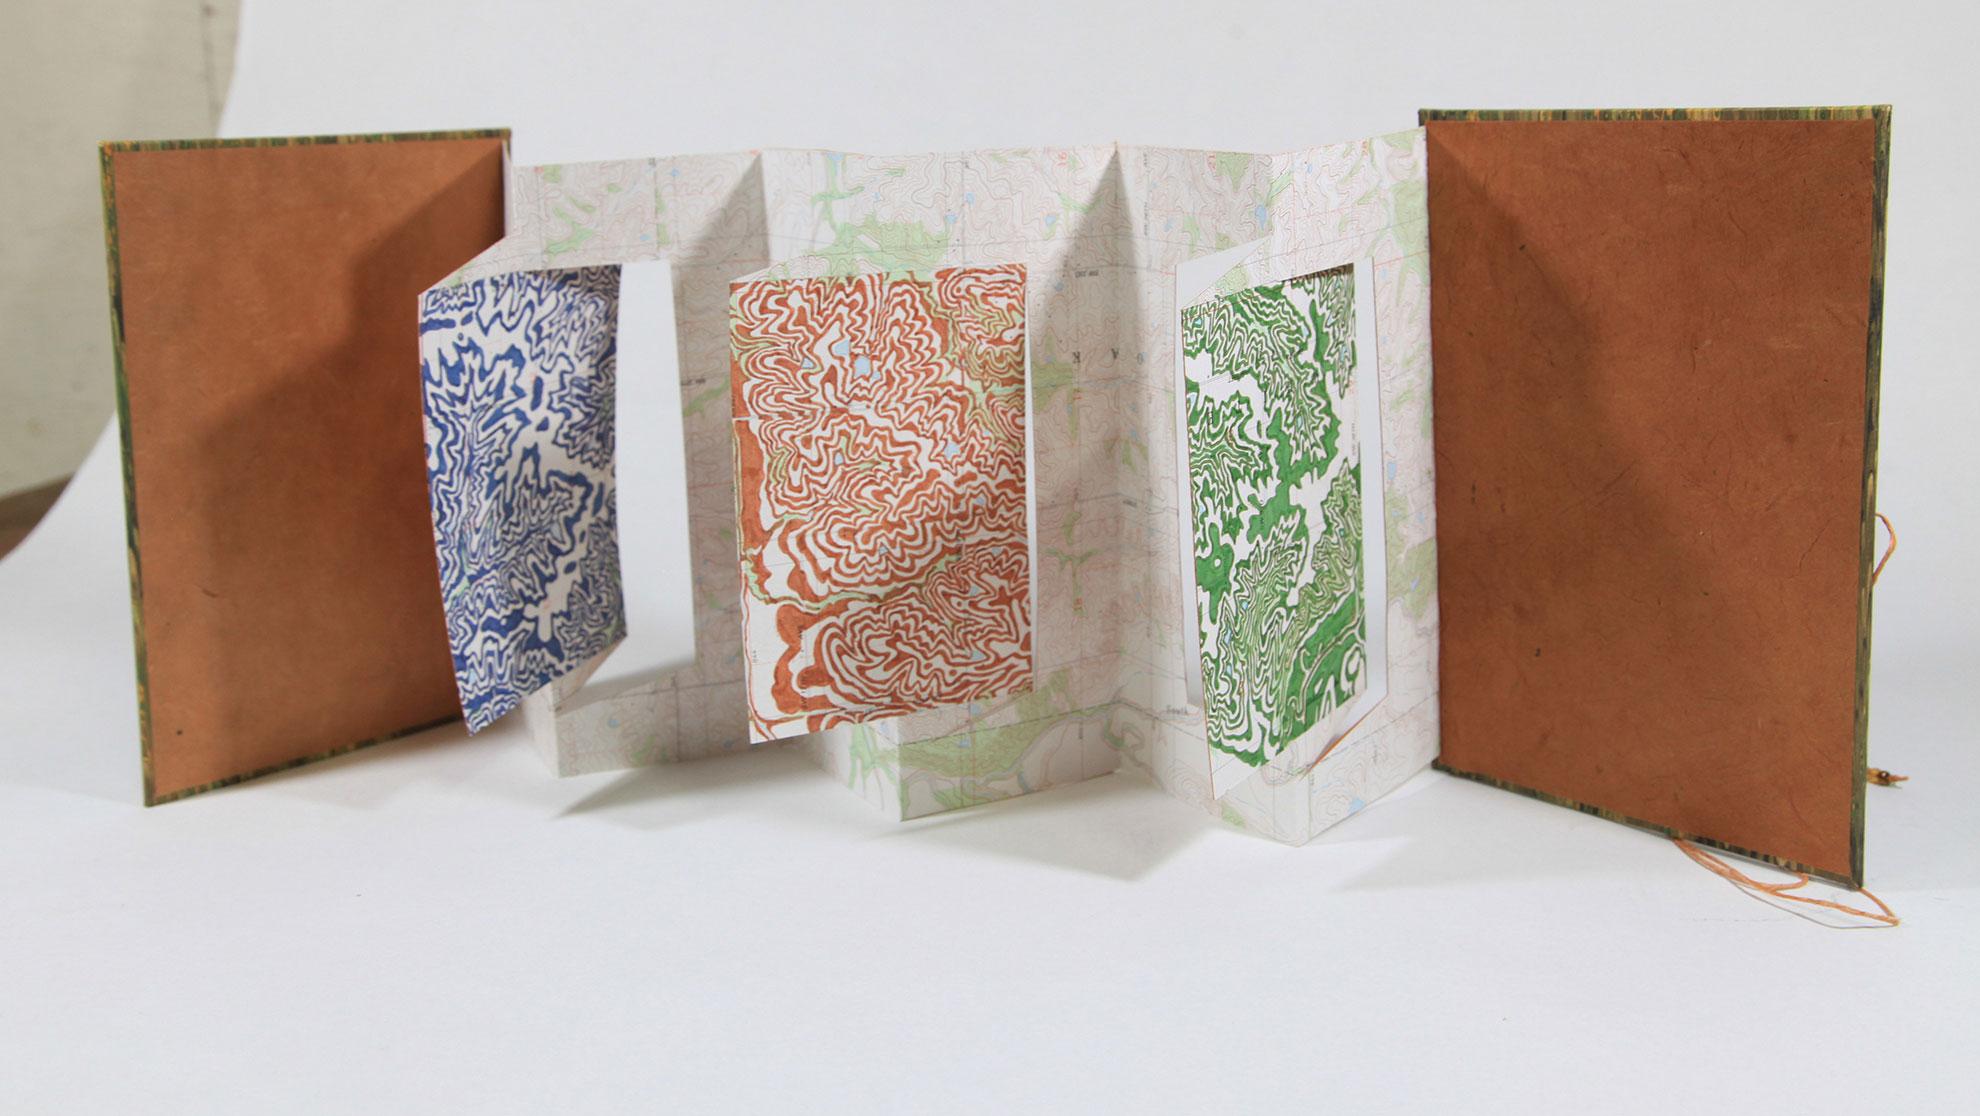 Janet Reynolds, Op Art Map, Repurposed Map, Ink, Handmade Paper, 2017, $475, Houston, TX